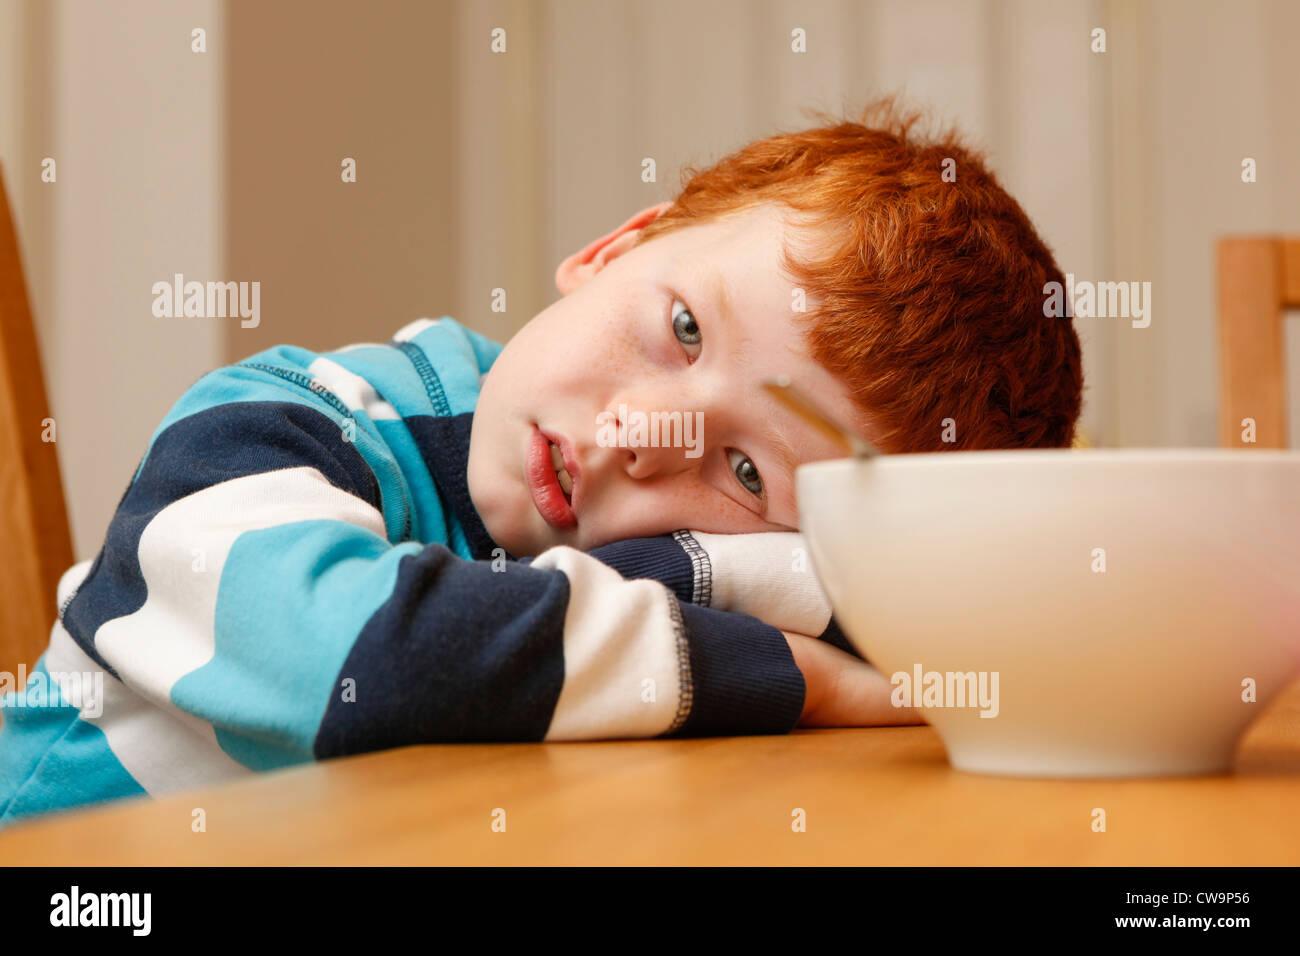 8 Jahre alter Junge müde am Frühstückstisch Stockbild